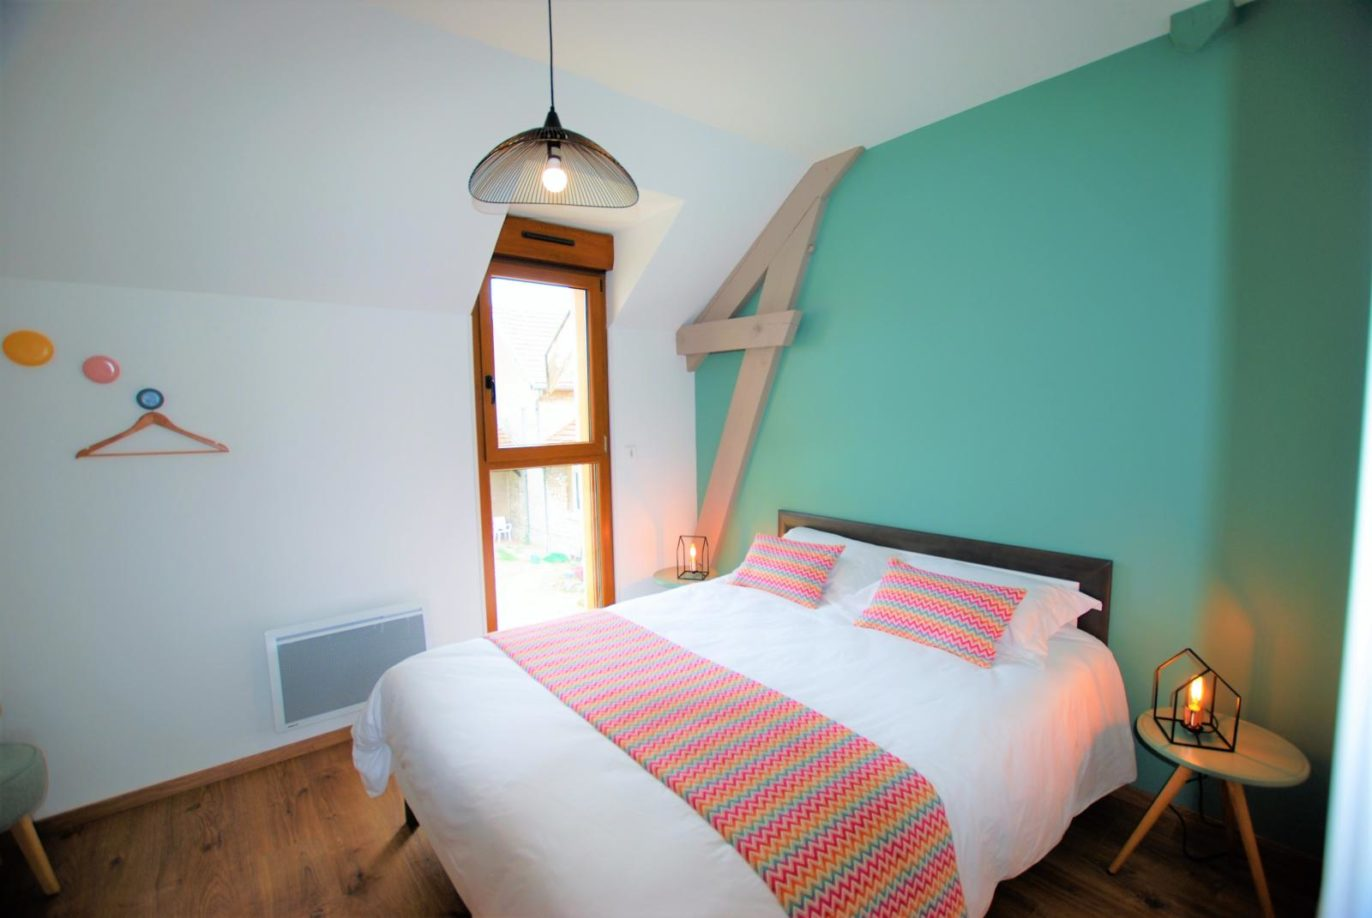 La chambre verte et son grand lit double